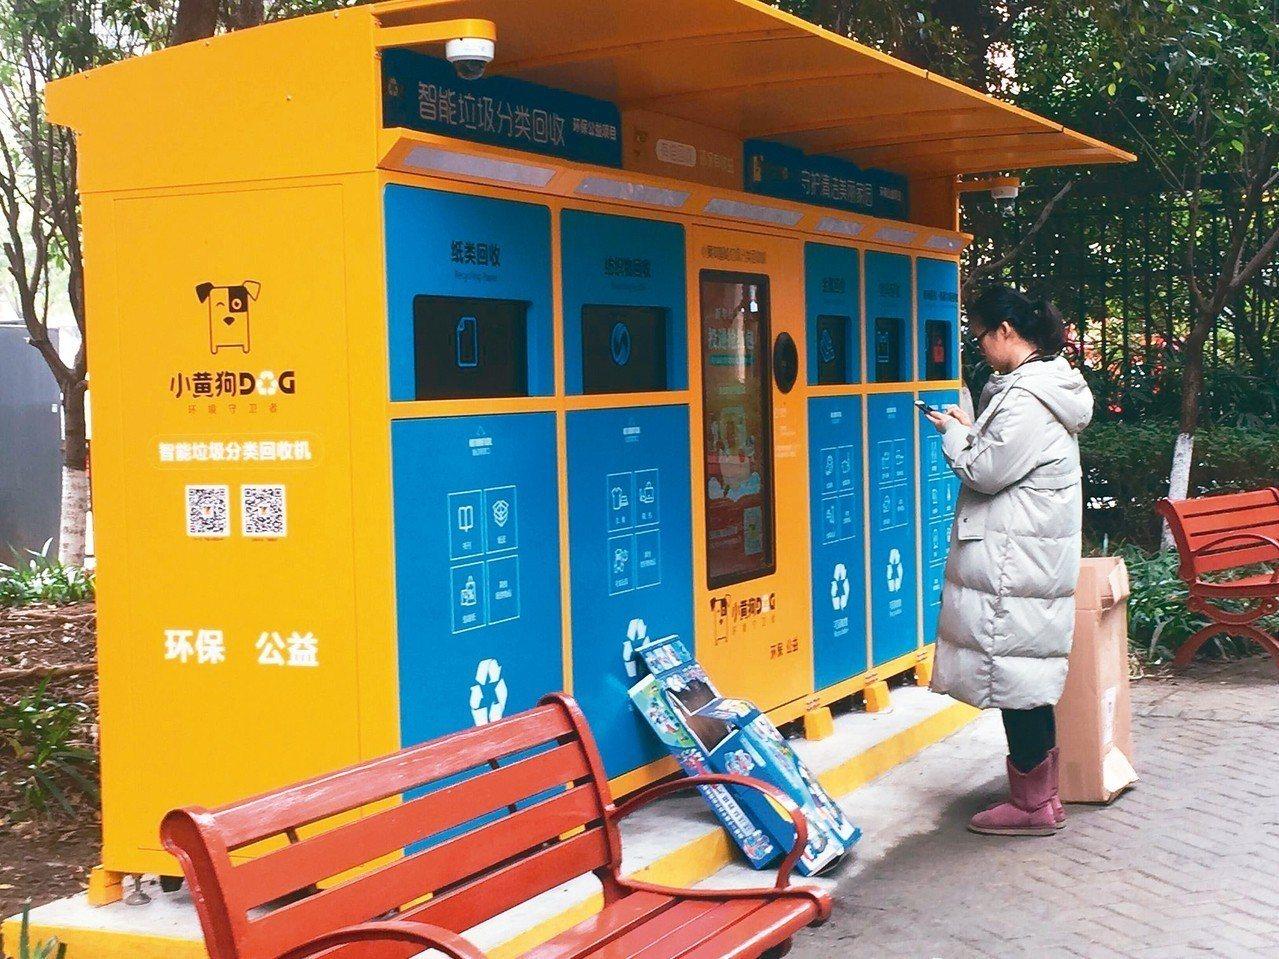 被稱作「小黃狗」的新型垃圾回收機,可回收塑膠、玻璃、紡織物等不同類型垃圾。 圖/...